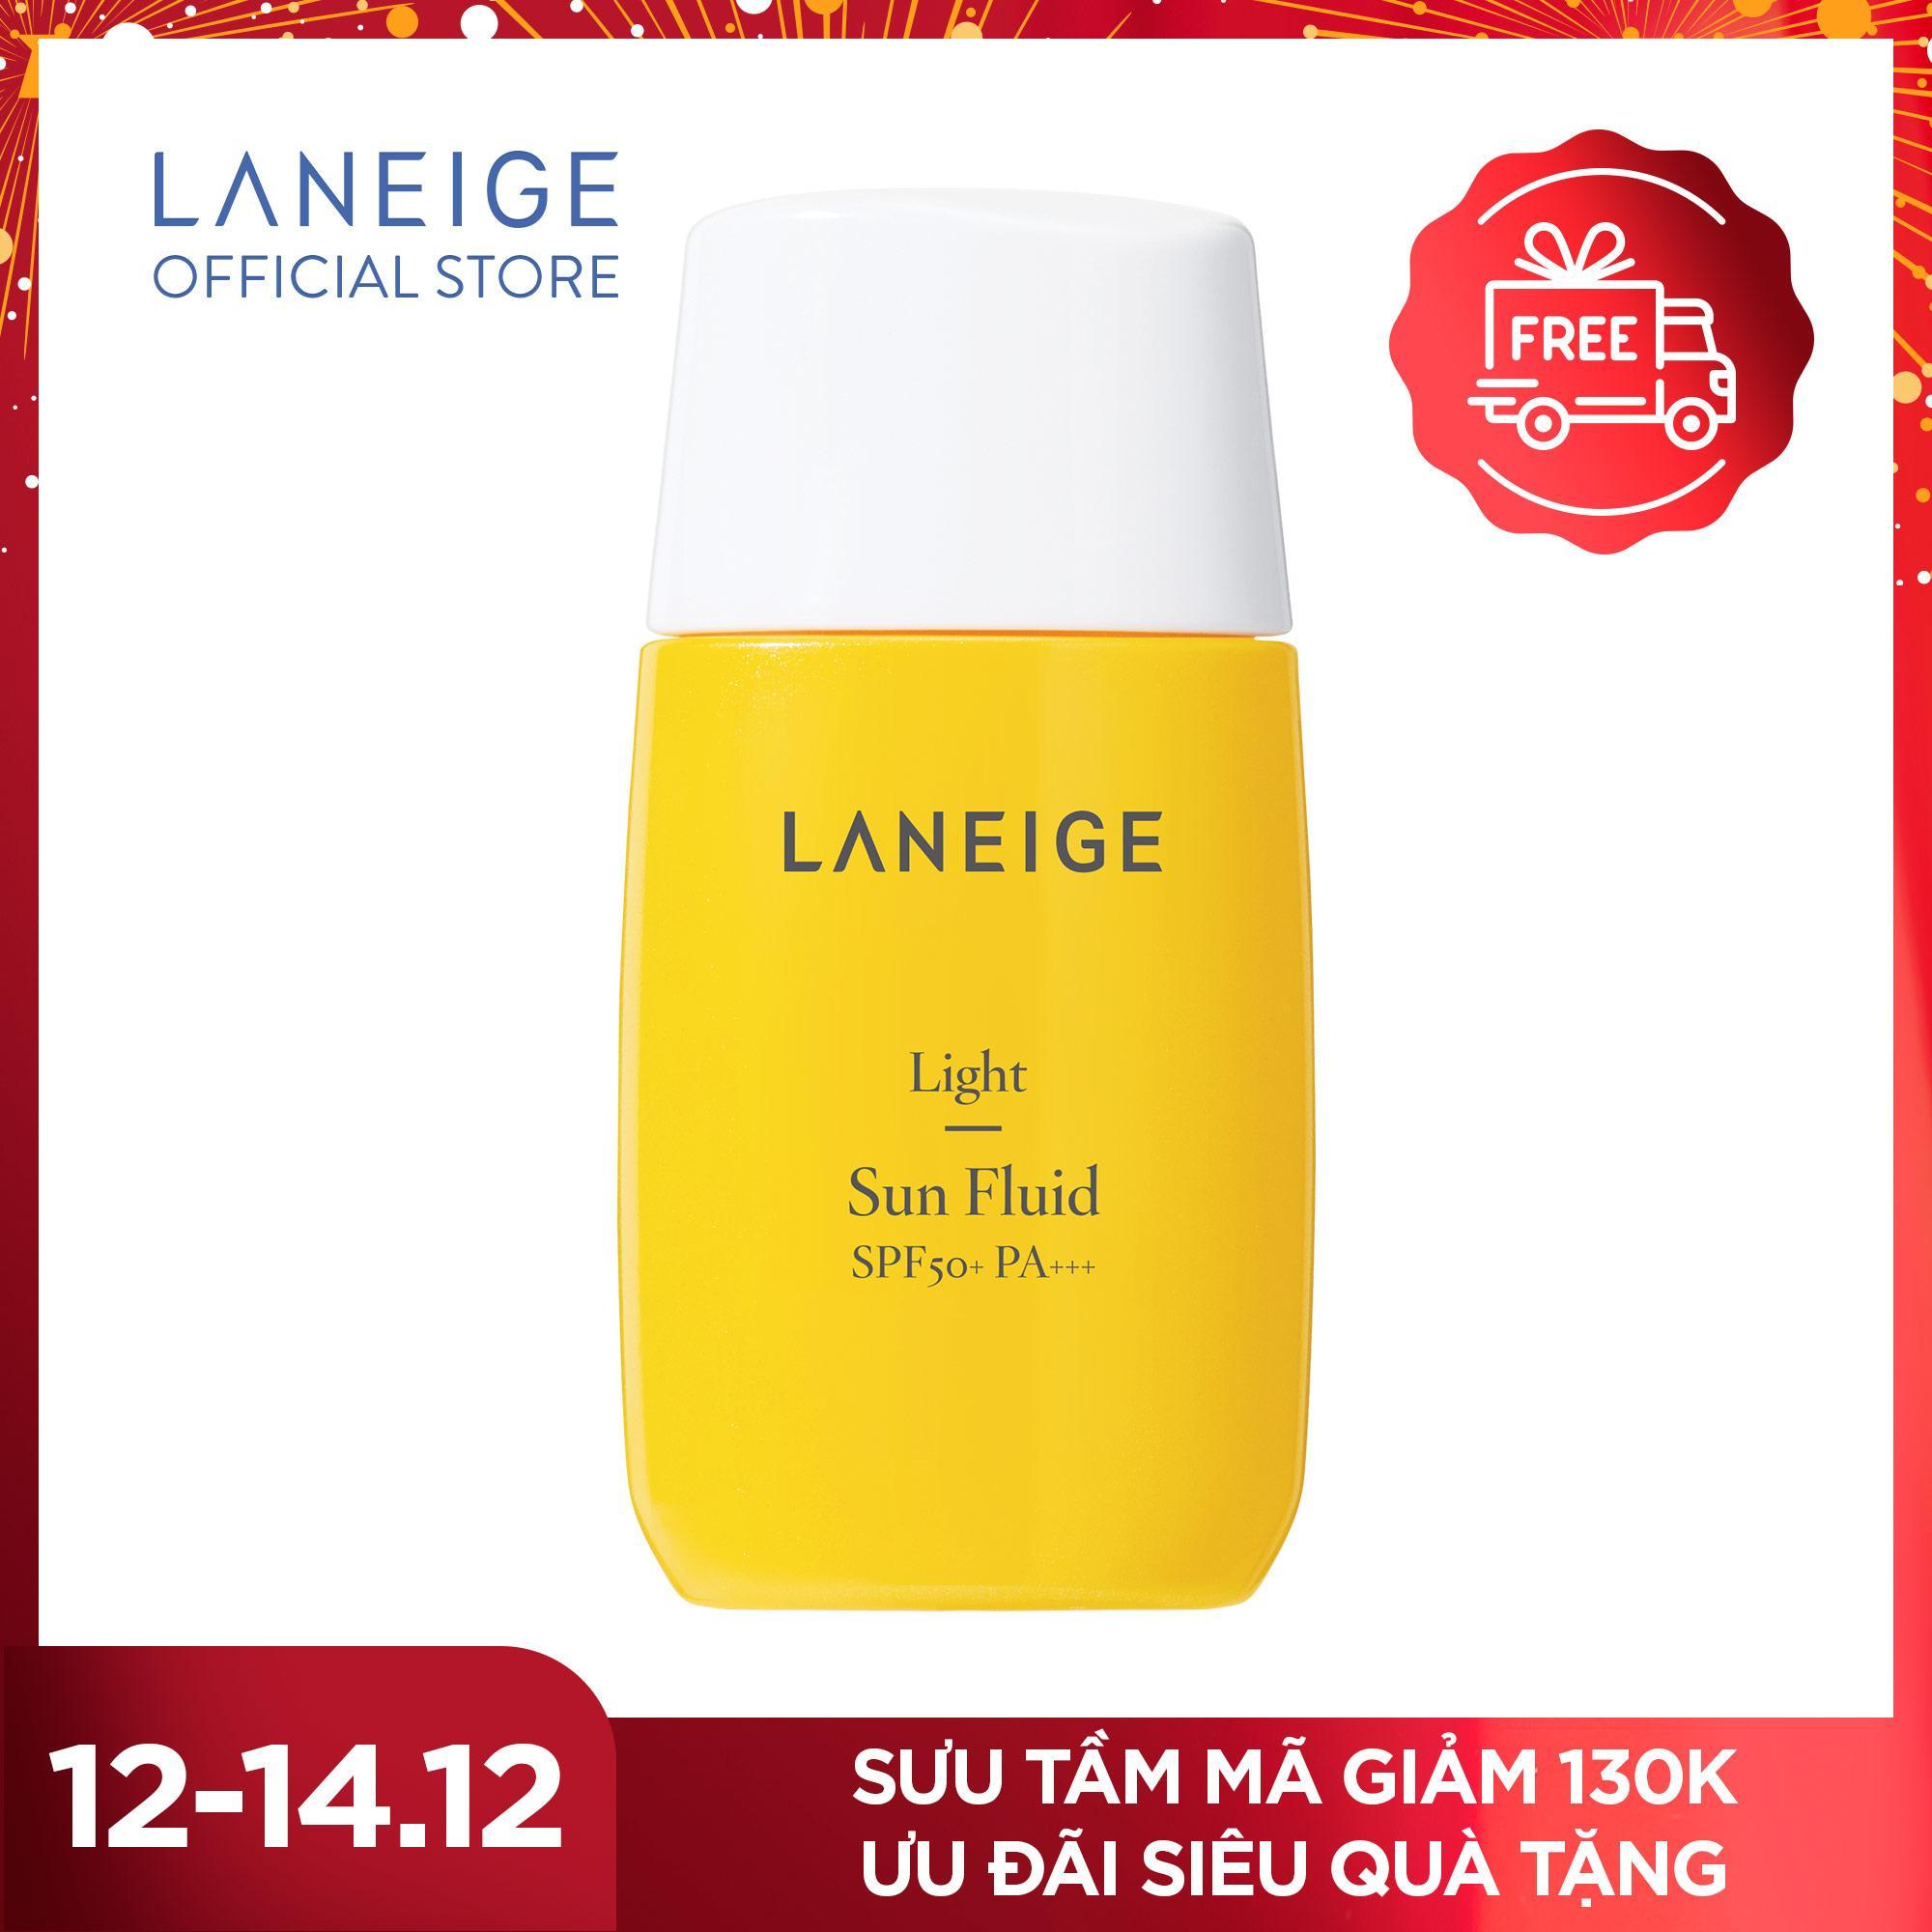 Deal Khuyến Mãi Kem Chống Nắng Cho Da Dầu Và Da Hỗn Hợp Laneige Light Sun Fluid SPF50+ PA+++ 50ml